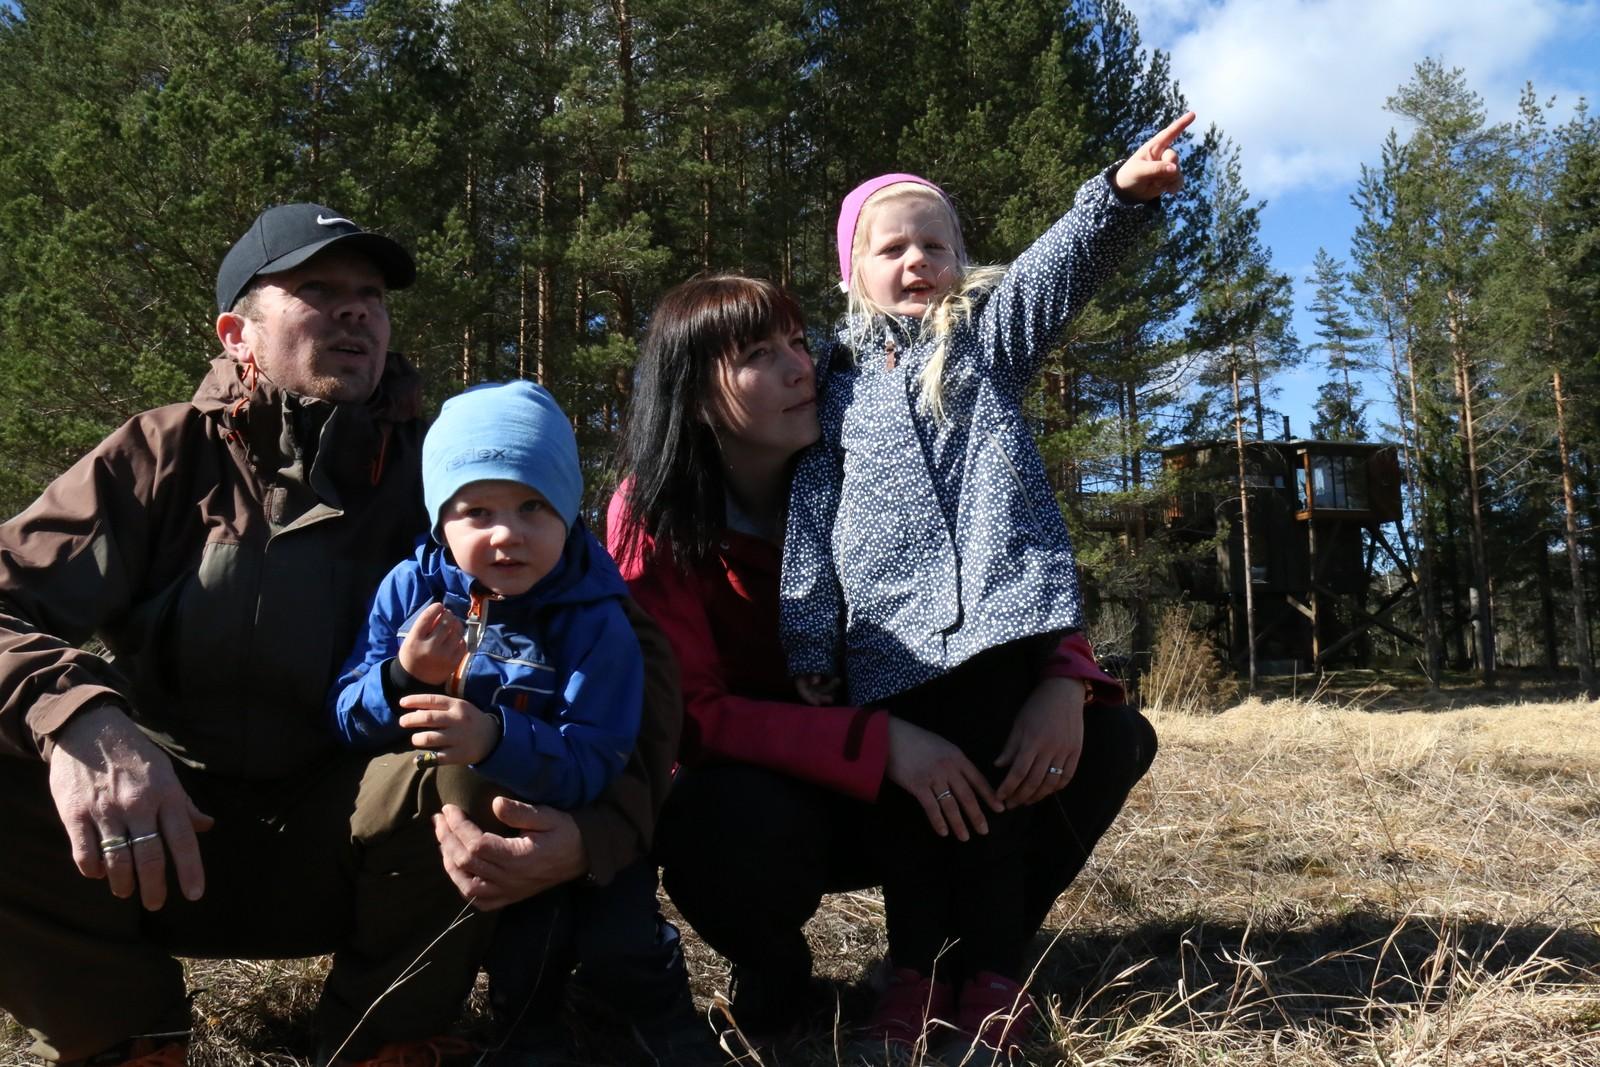 Tore og Siv Myrene Rislaa har fått ei ukes ferie på Kråkeslottet i gave fra forloverne sine. Her sammen med barna Olay og Mia.